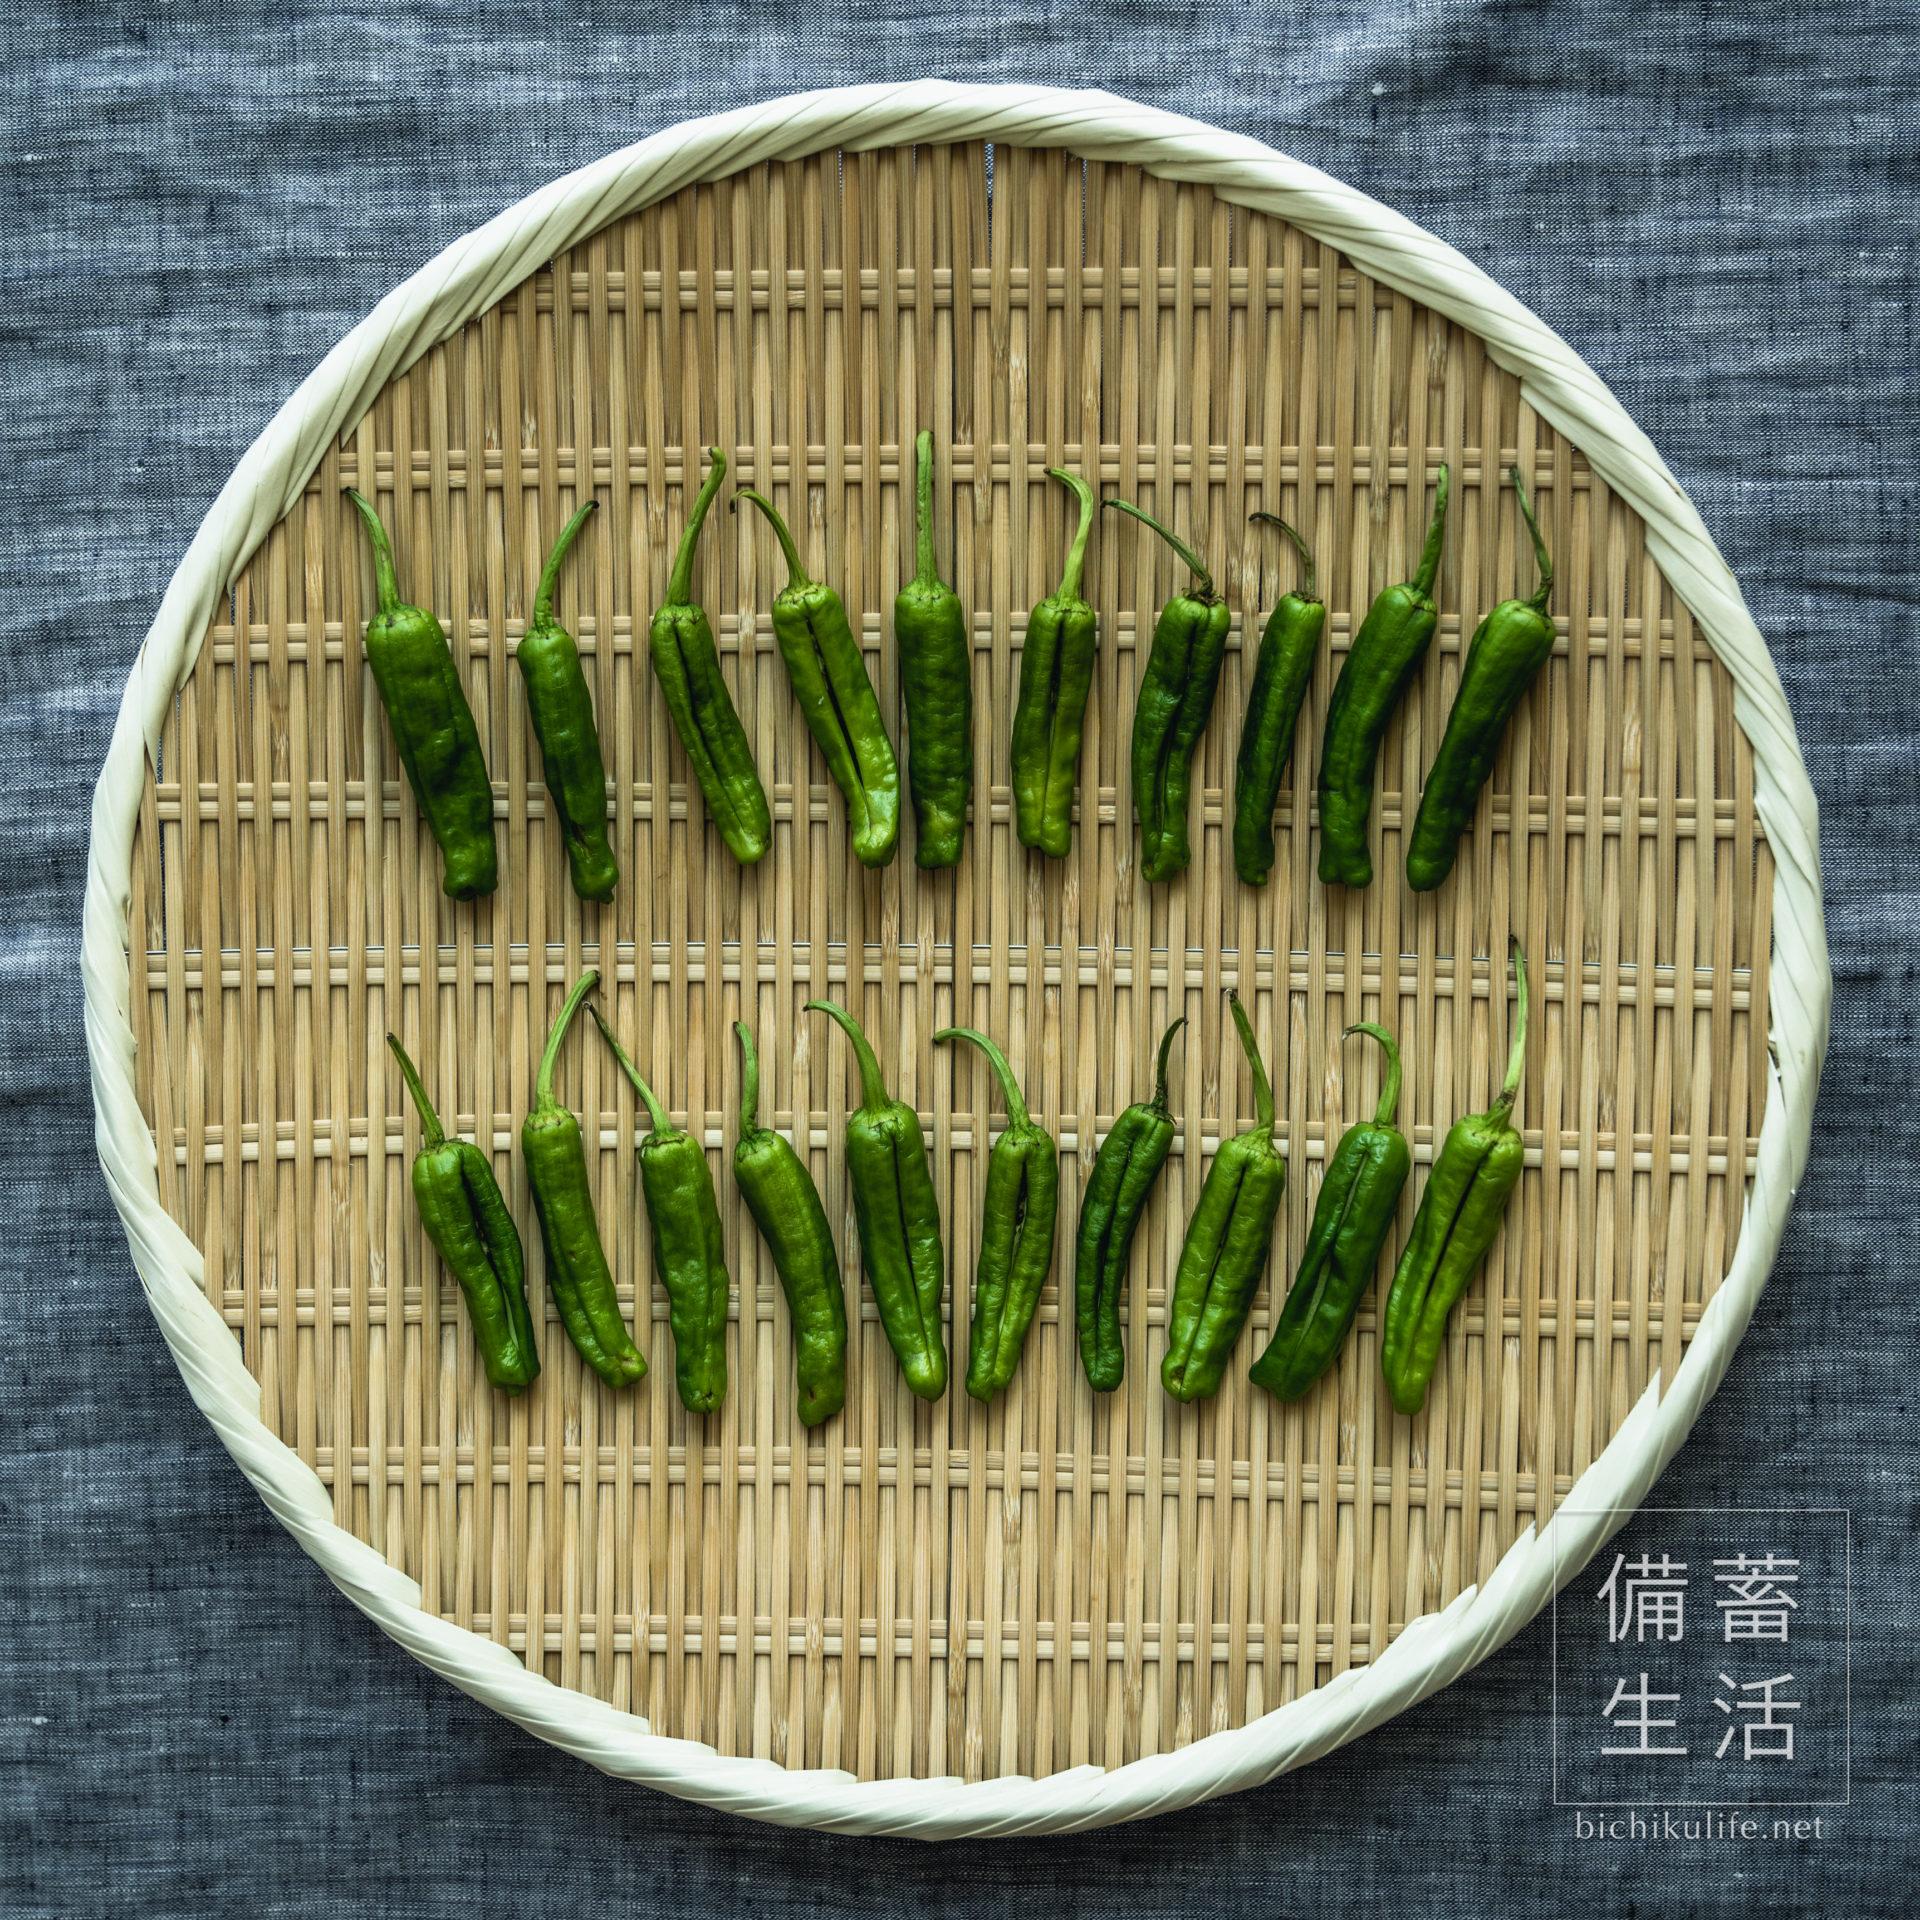 ししとう 干し野菜づくり 干し獅子唐辛子の作り方